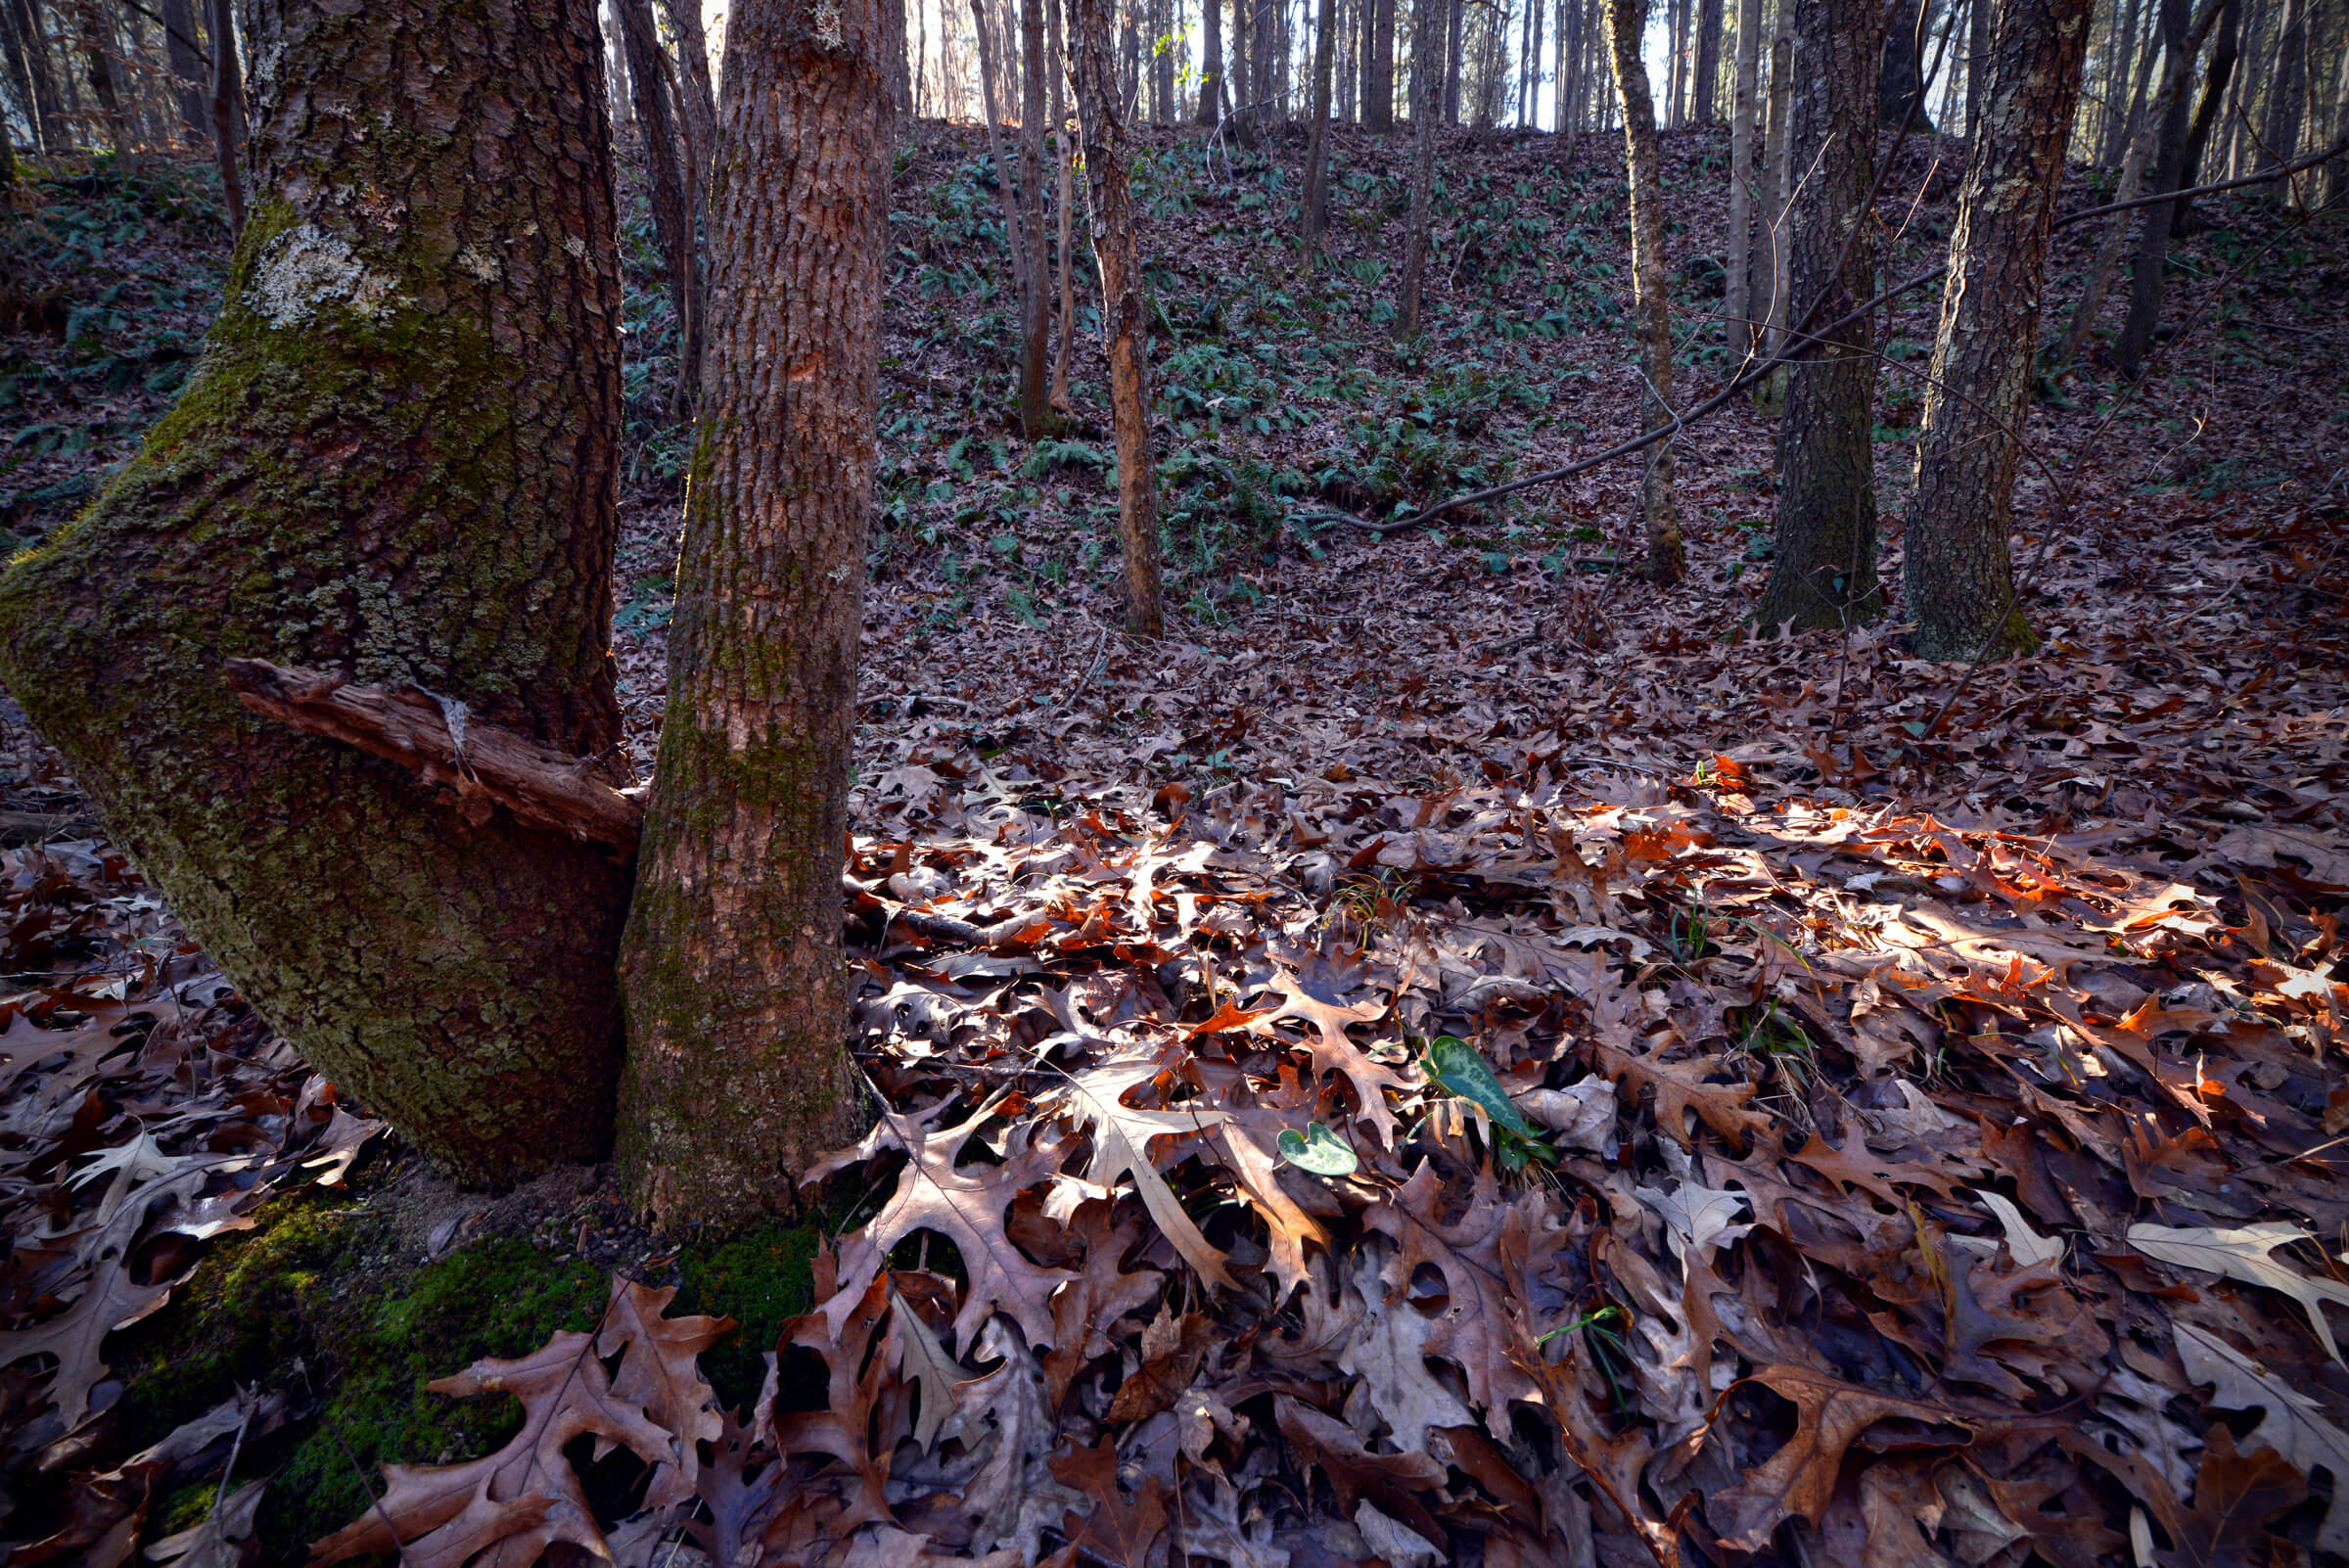 Photo: Mountain Creek by Nancy Pierce